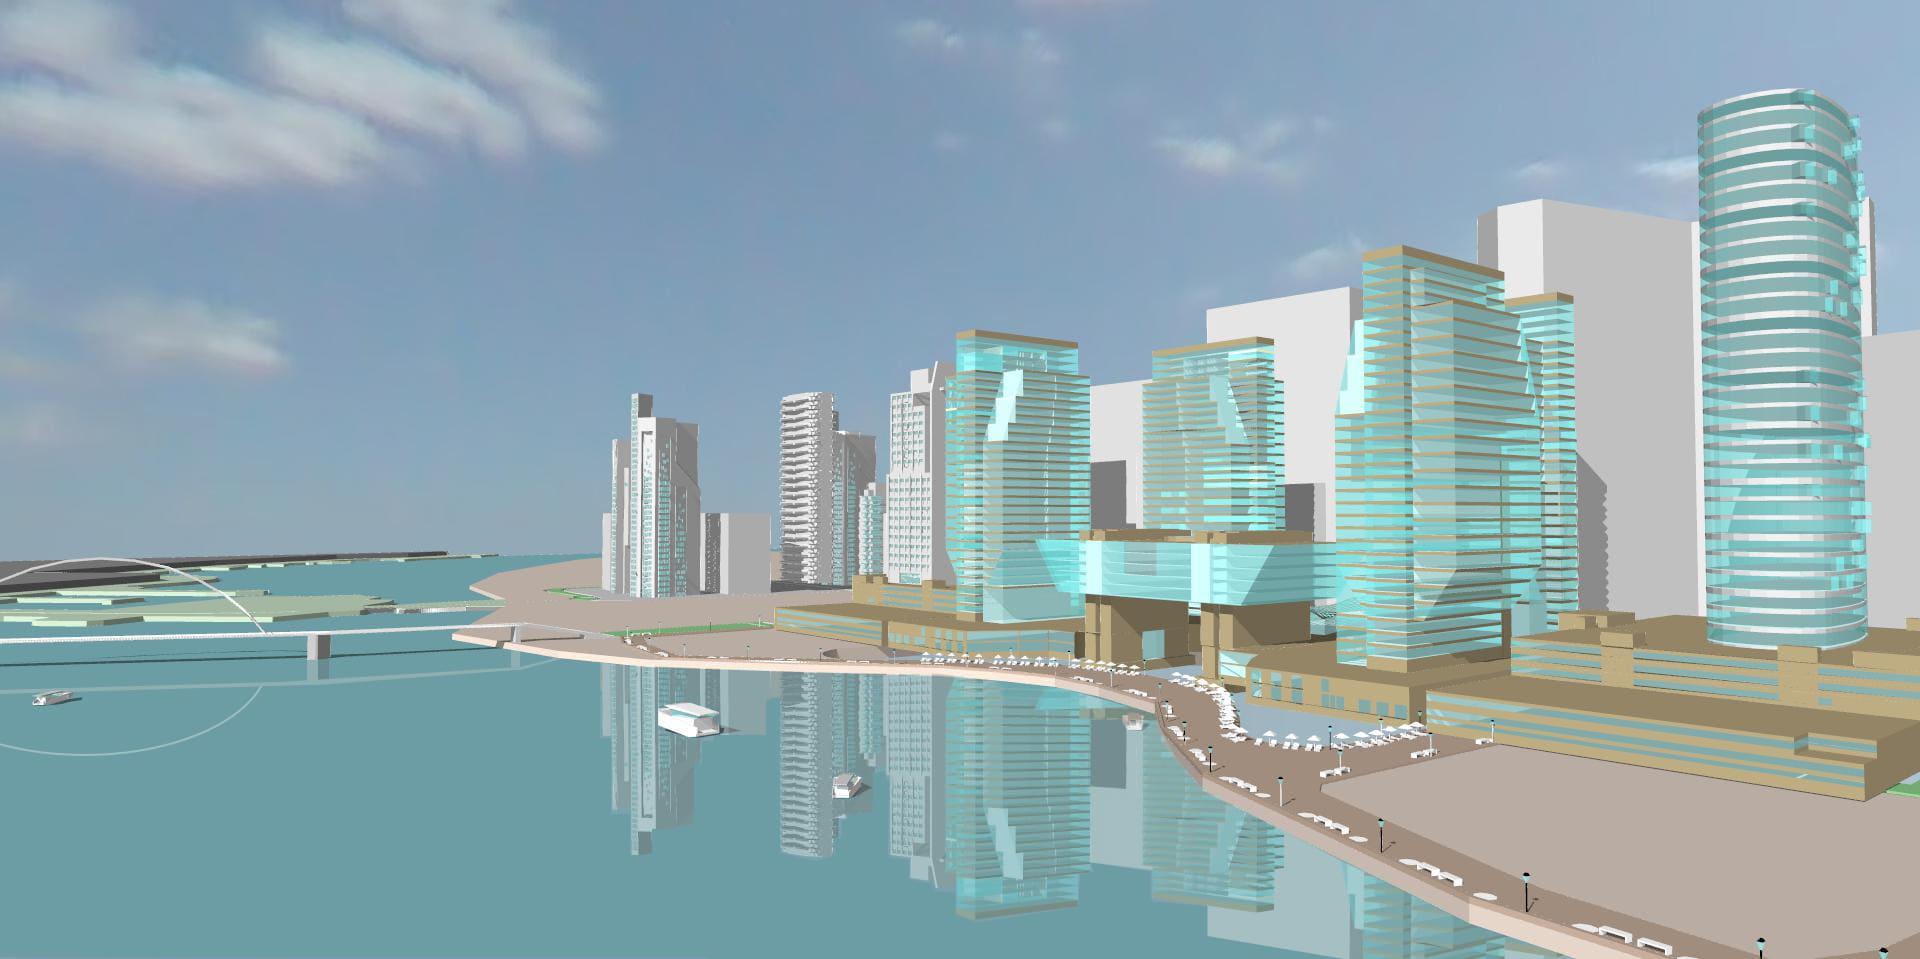 جوهرها هو التكنولوجيا.. كيف ستحول المدن الذكية منطقة الخليج؟